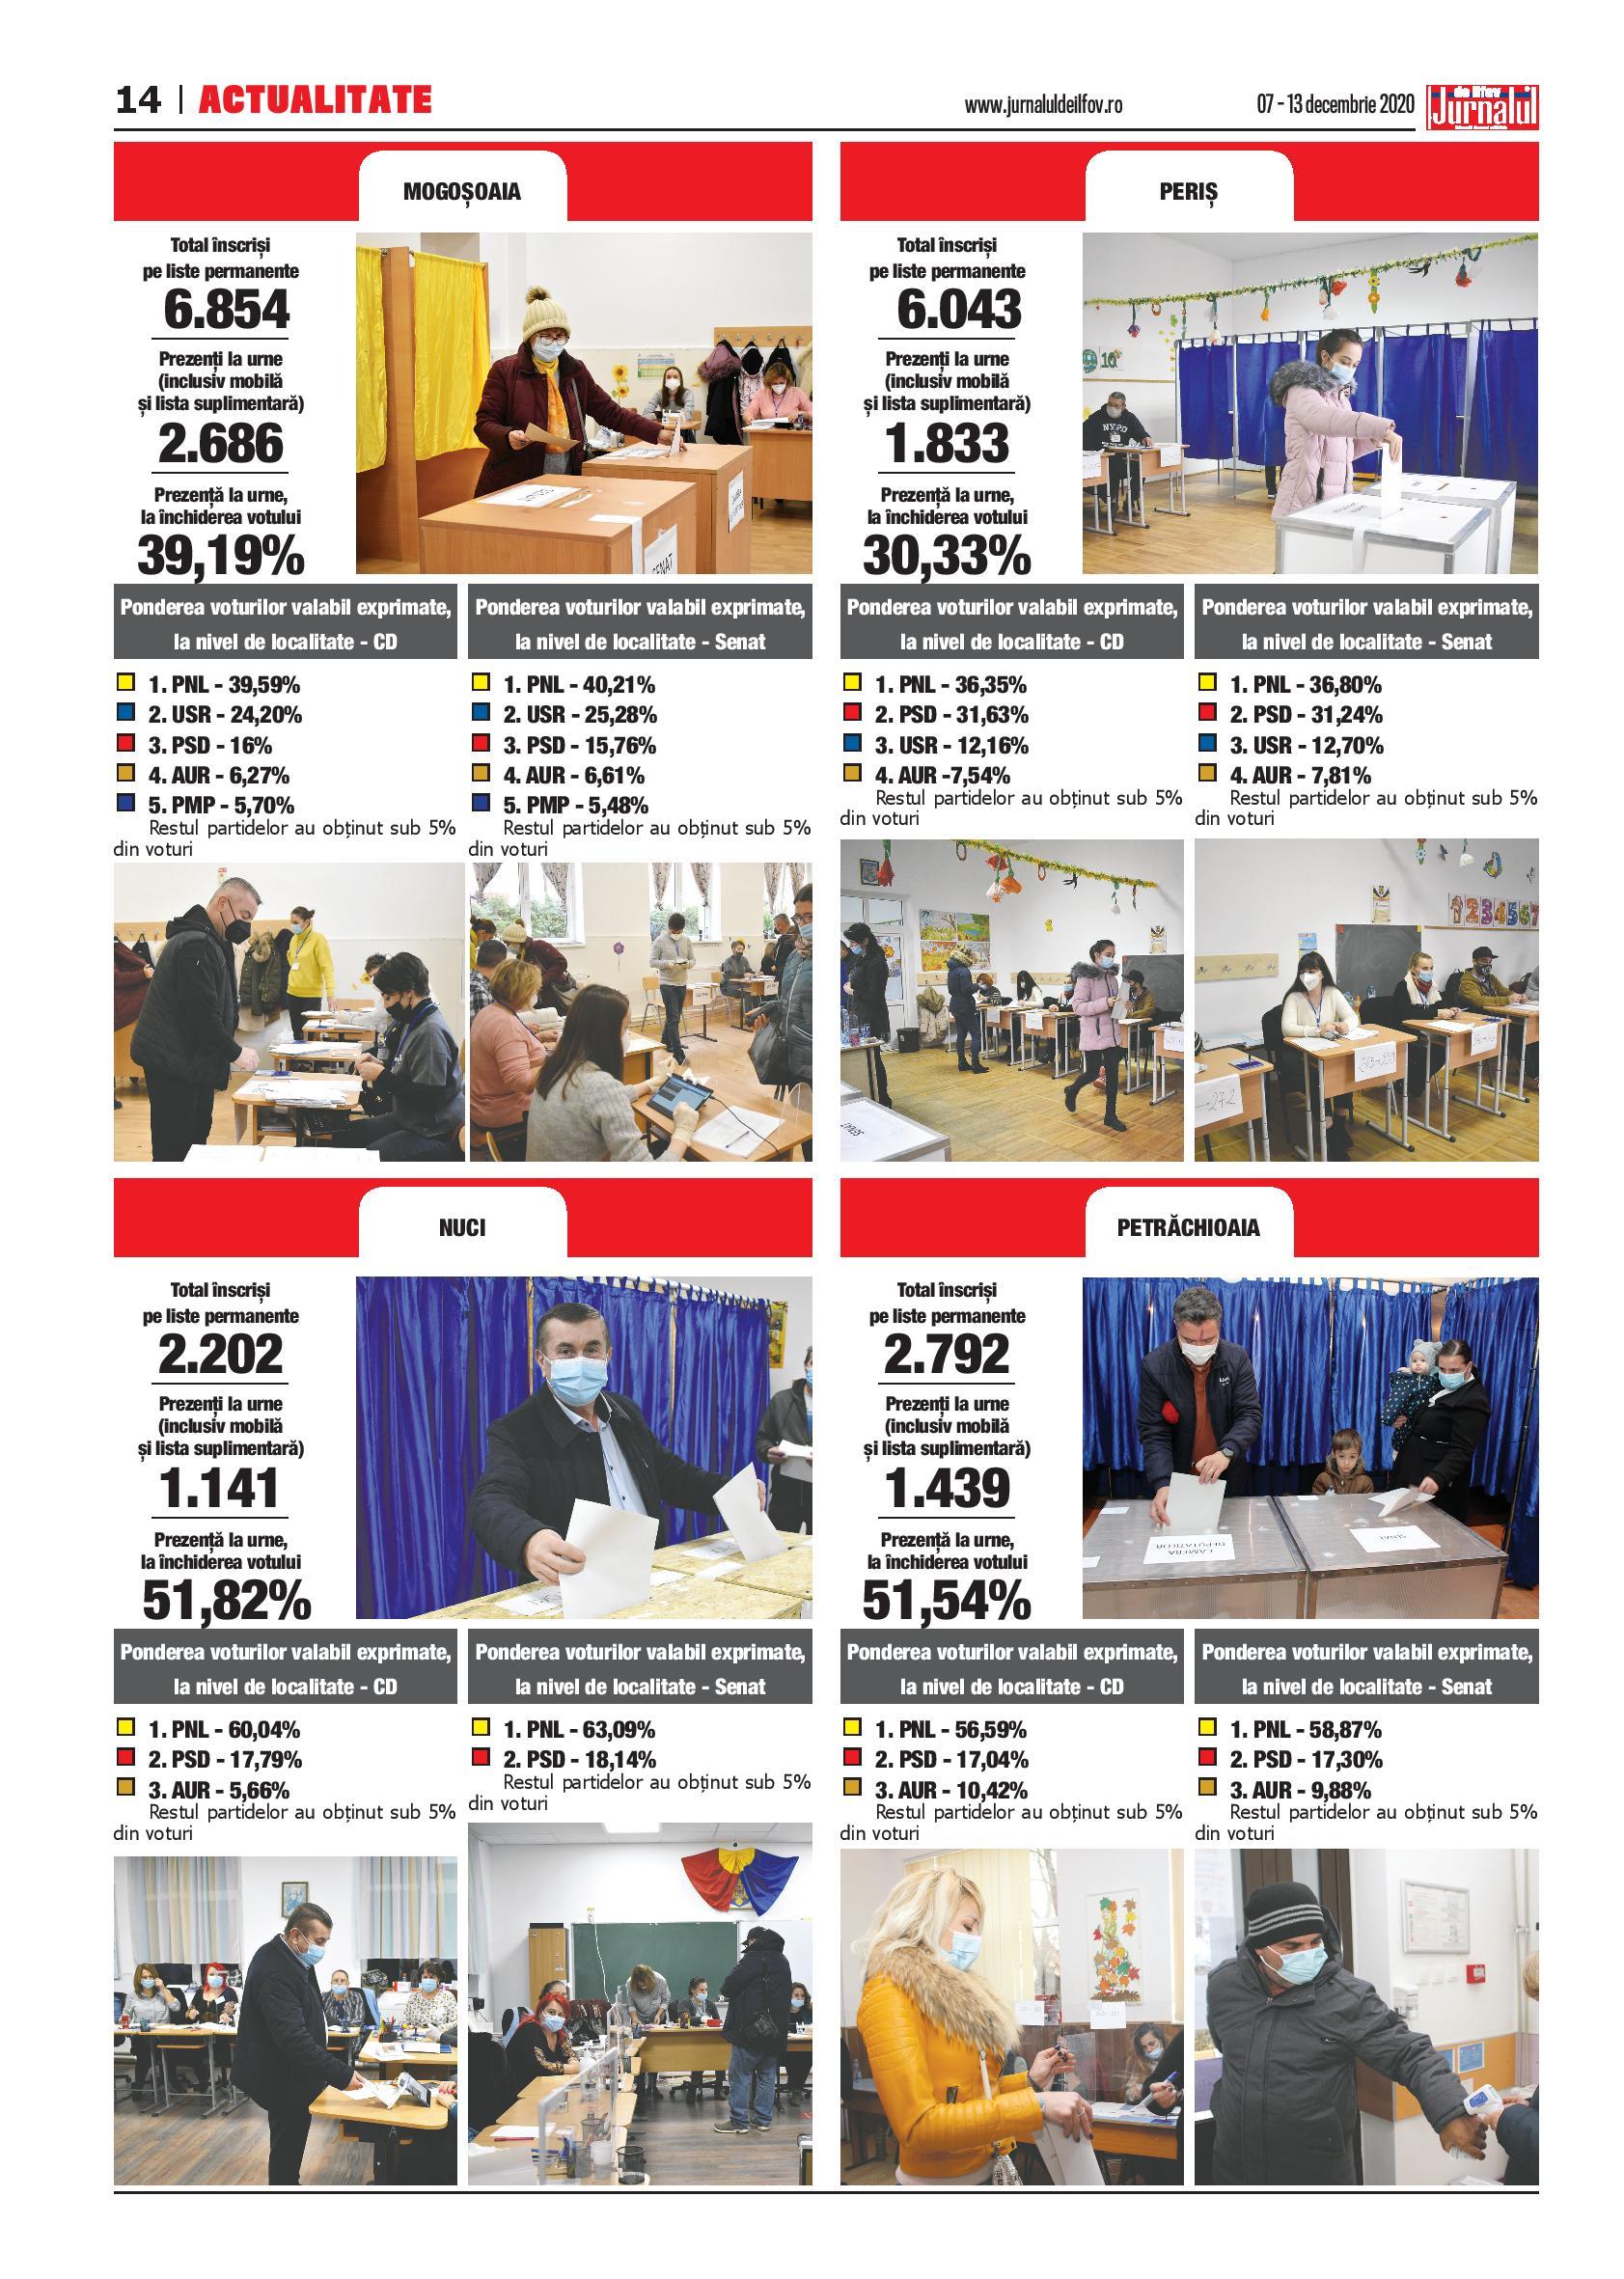 Alegeri parlamentare 2020 – comunele Mogoșoaia, Nuci, Periș, Petrăchioaia – Jurnalul de Ilfov